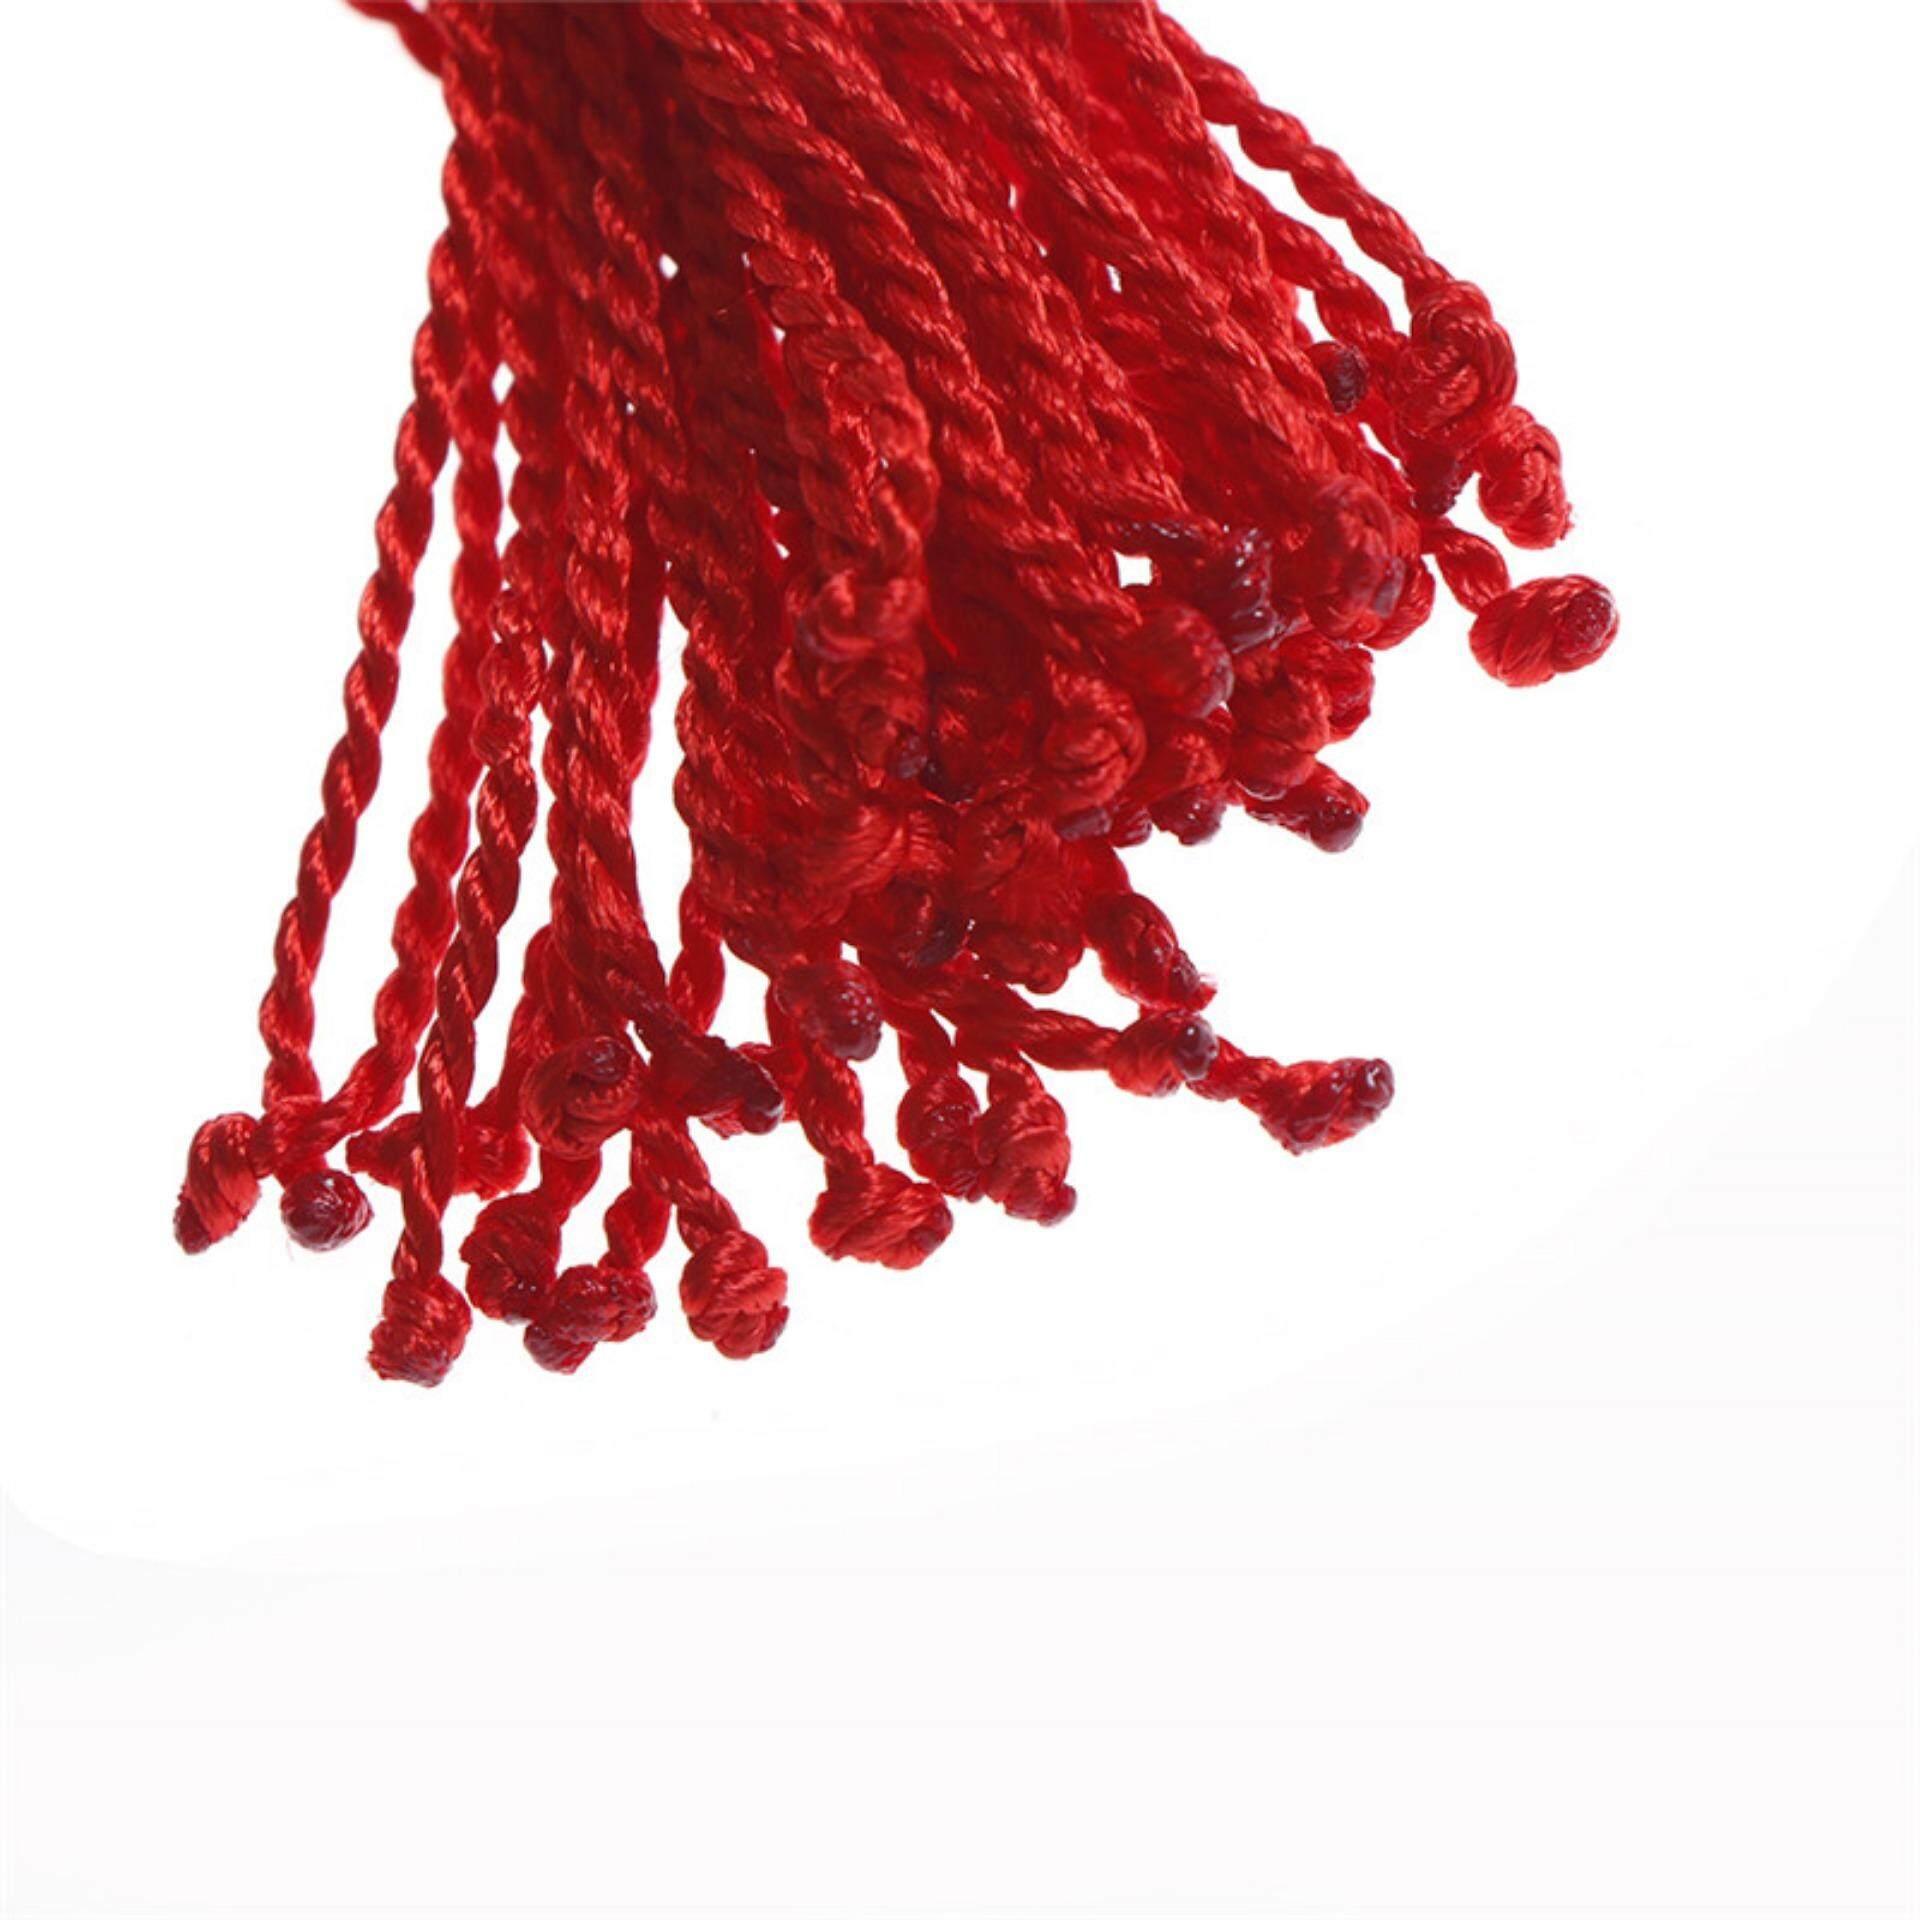 ... Kabel Tali Kabbalah Gelang Keberuntungan Melawan Mata Jahat untuk Sukses Merah-Internasional - 3 ...